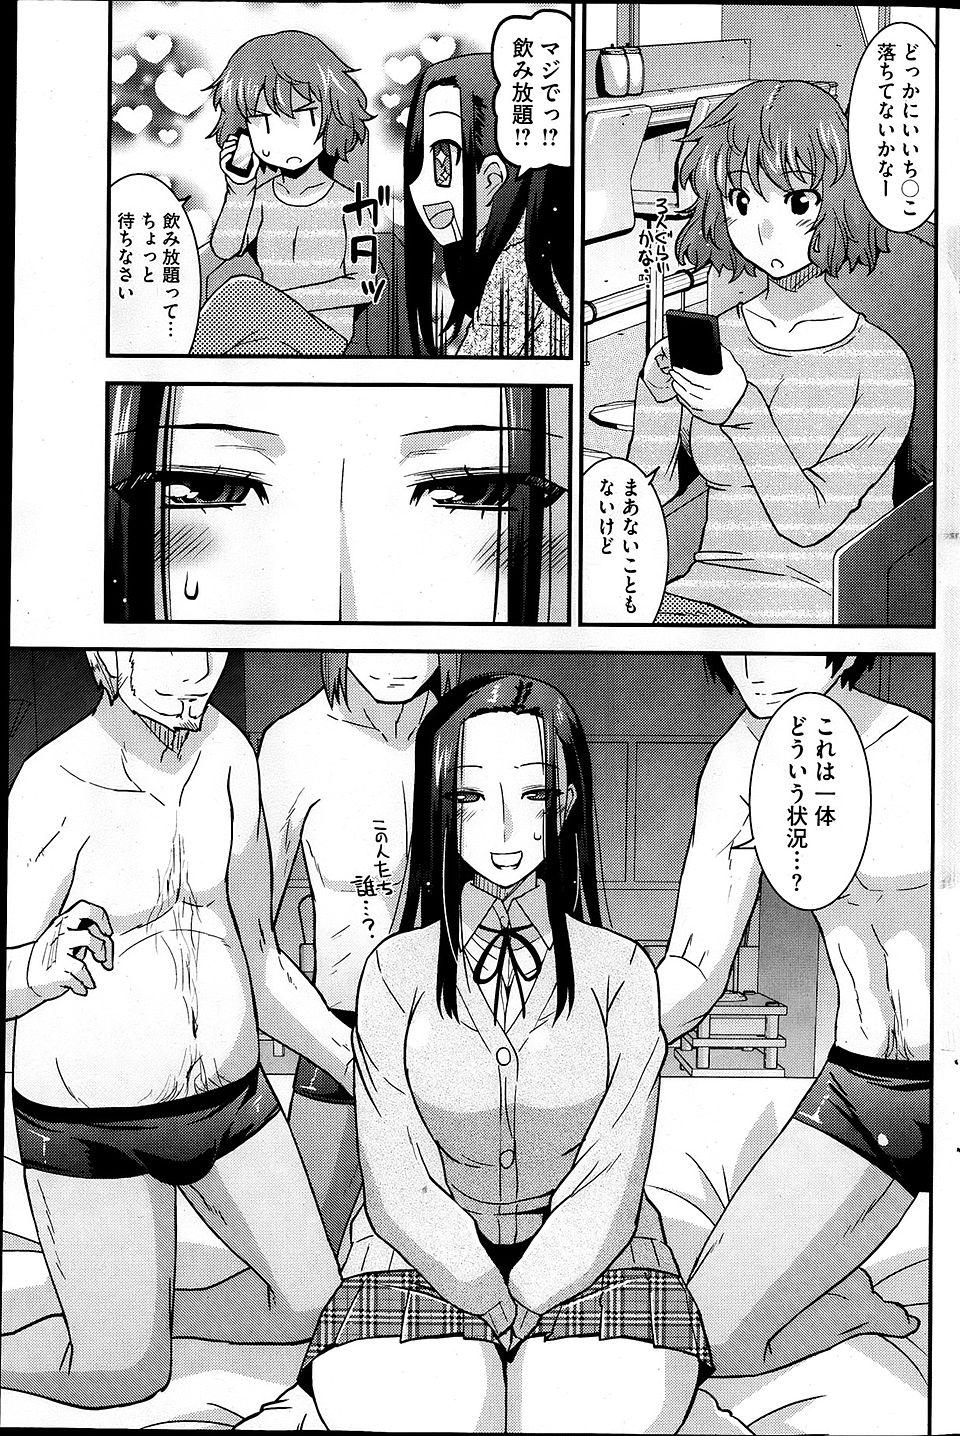 【エロ漫画・エロ同人】ちんこ大好き巨乳娘が4Pセックスしてるwwww (3)